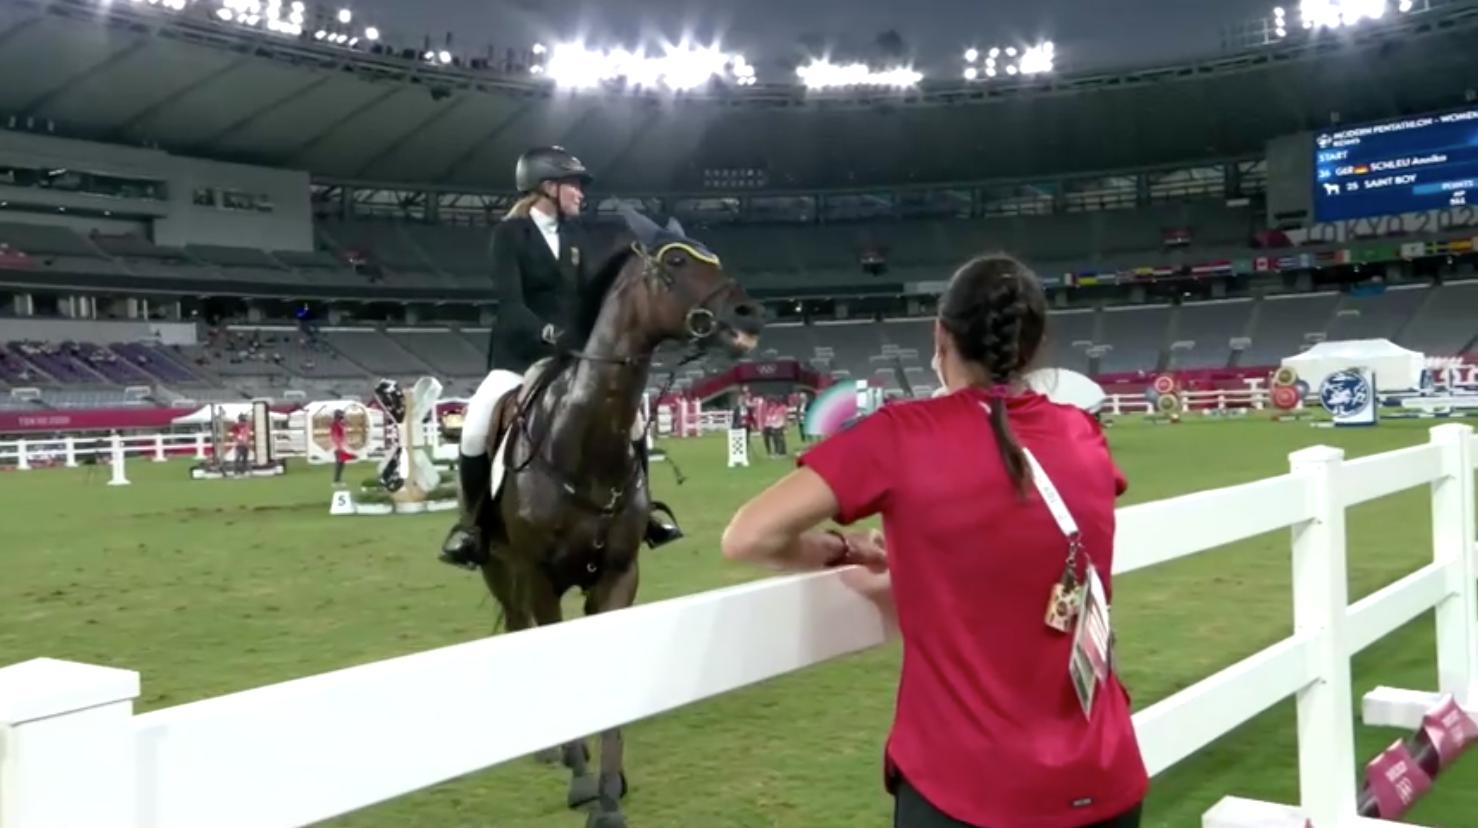 Huấn luyện viên năm môn phối hợp (pentathlon) của Đức bị loại khỏi Thế Vận Hội vì đánh một con ngựa